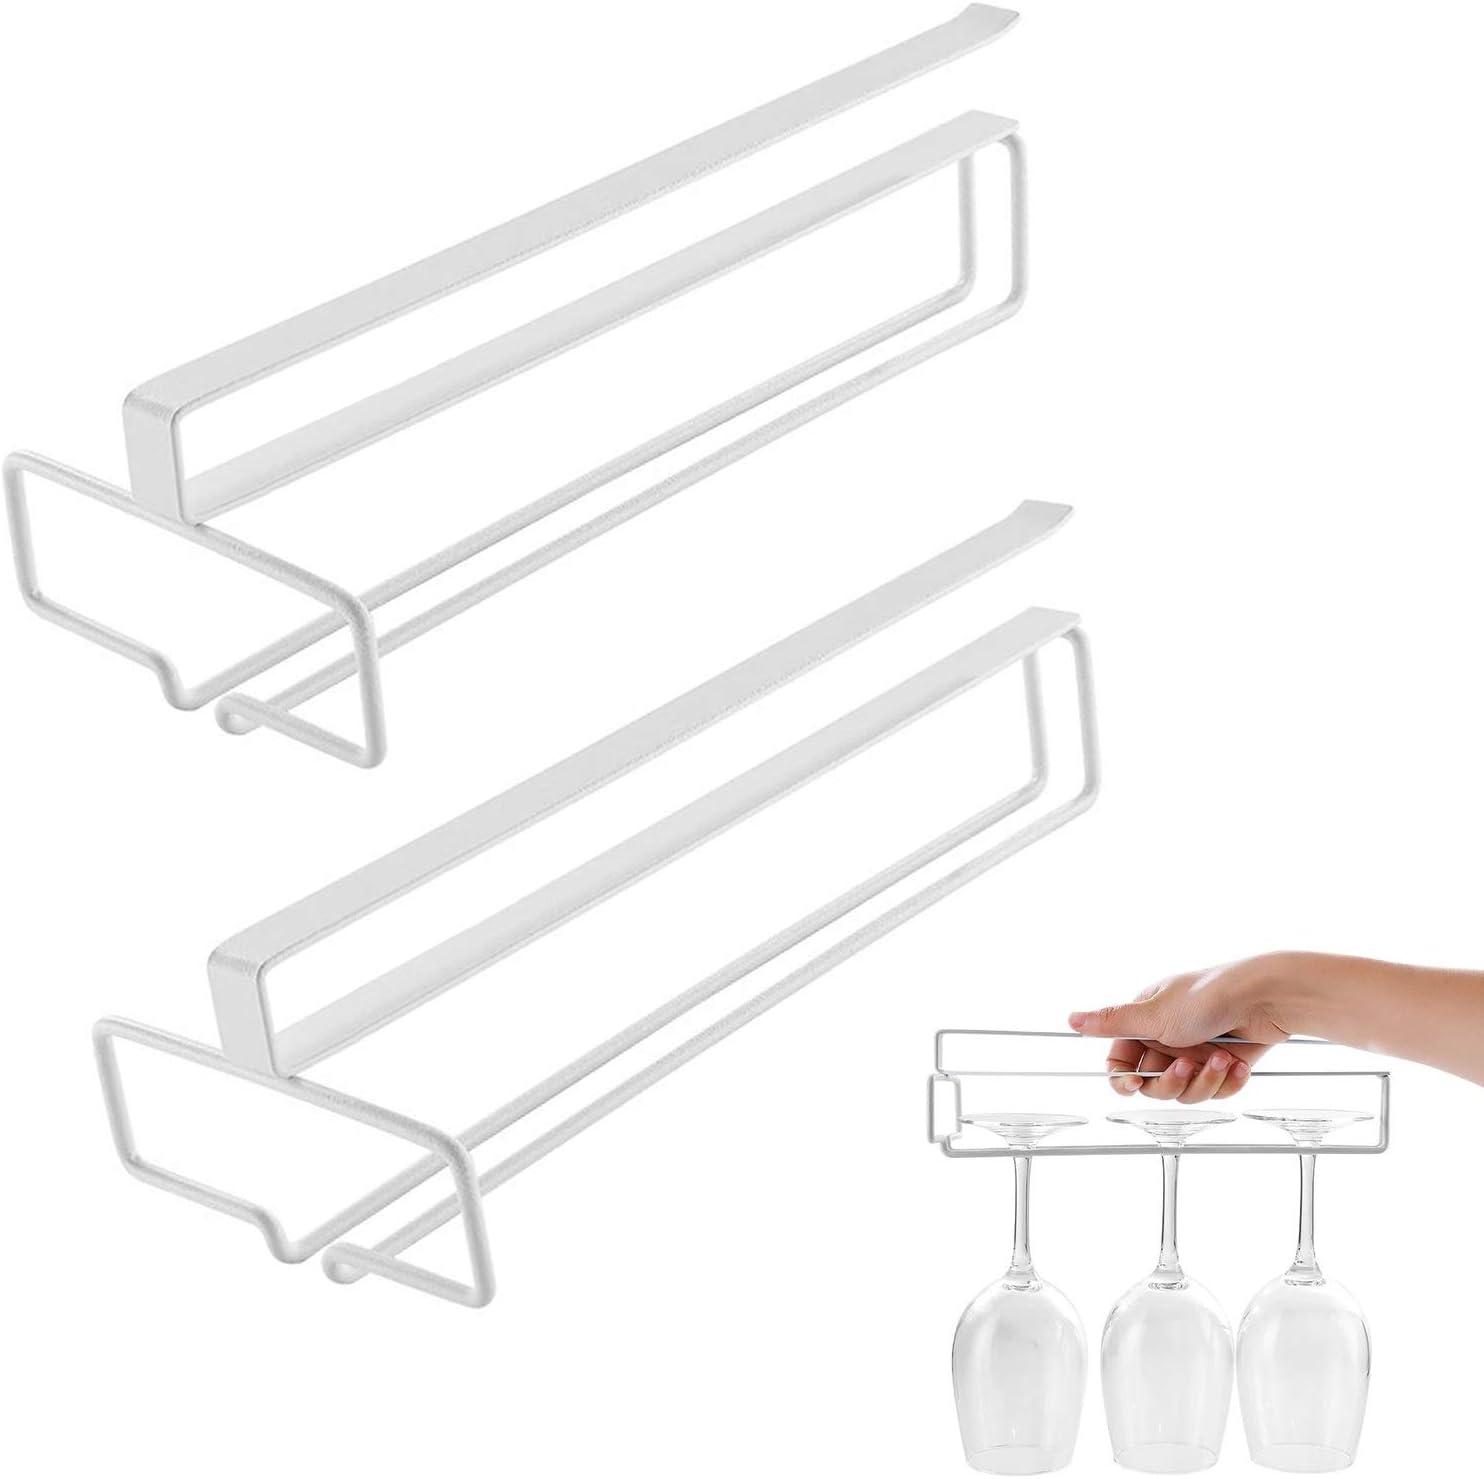 MHwan cuelga copas, soportes para copas, Estante colgante para vasos de vino Soporte para vasos y vasos para cocina, sala de estar, 26 x 11 x 7,5 cm, 2 piezas